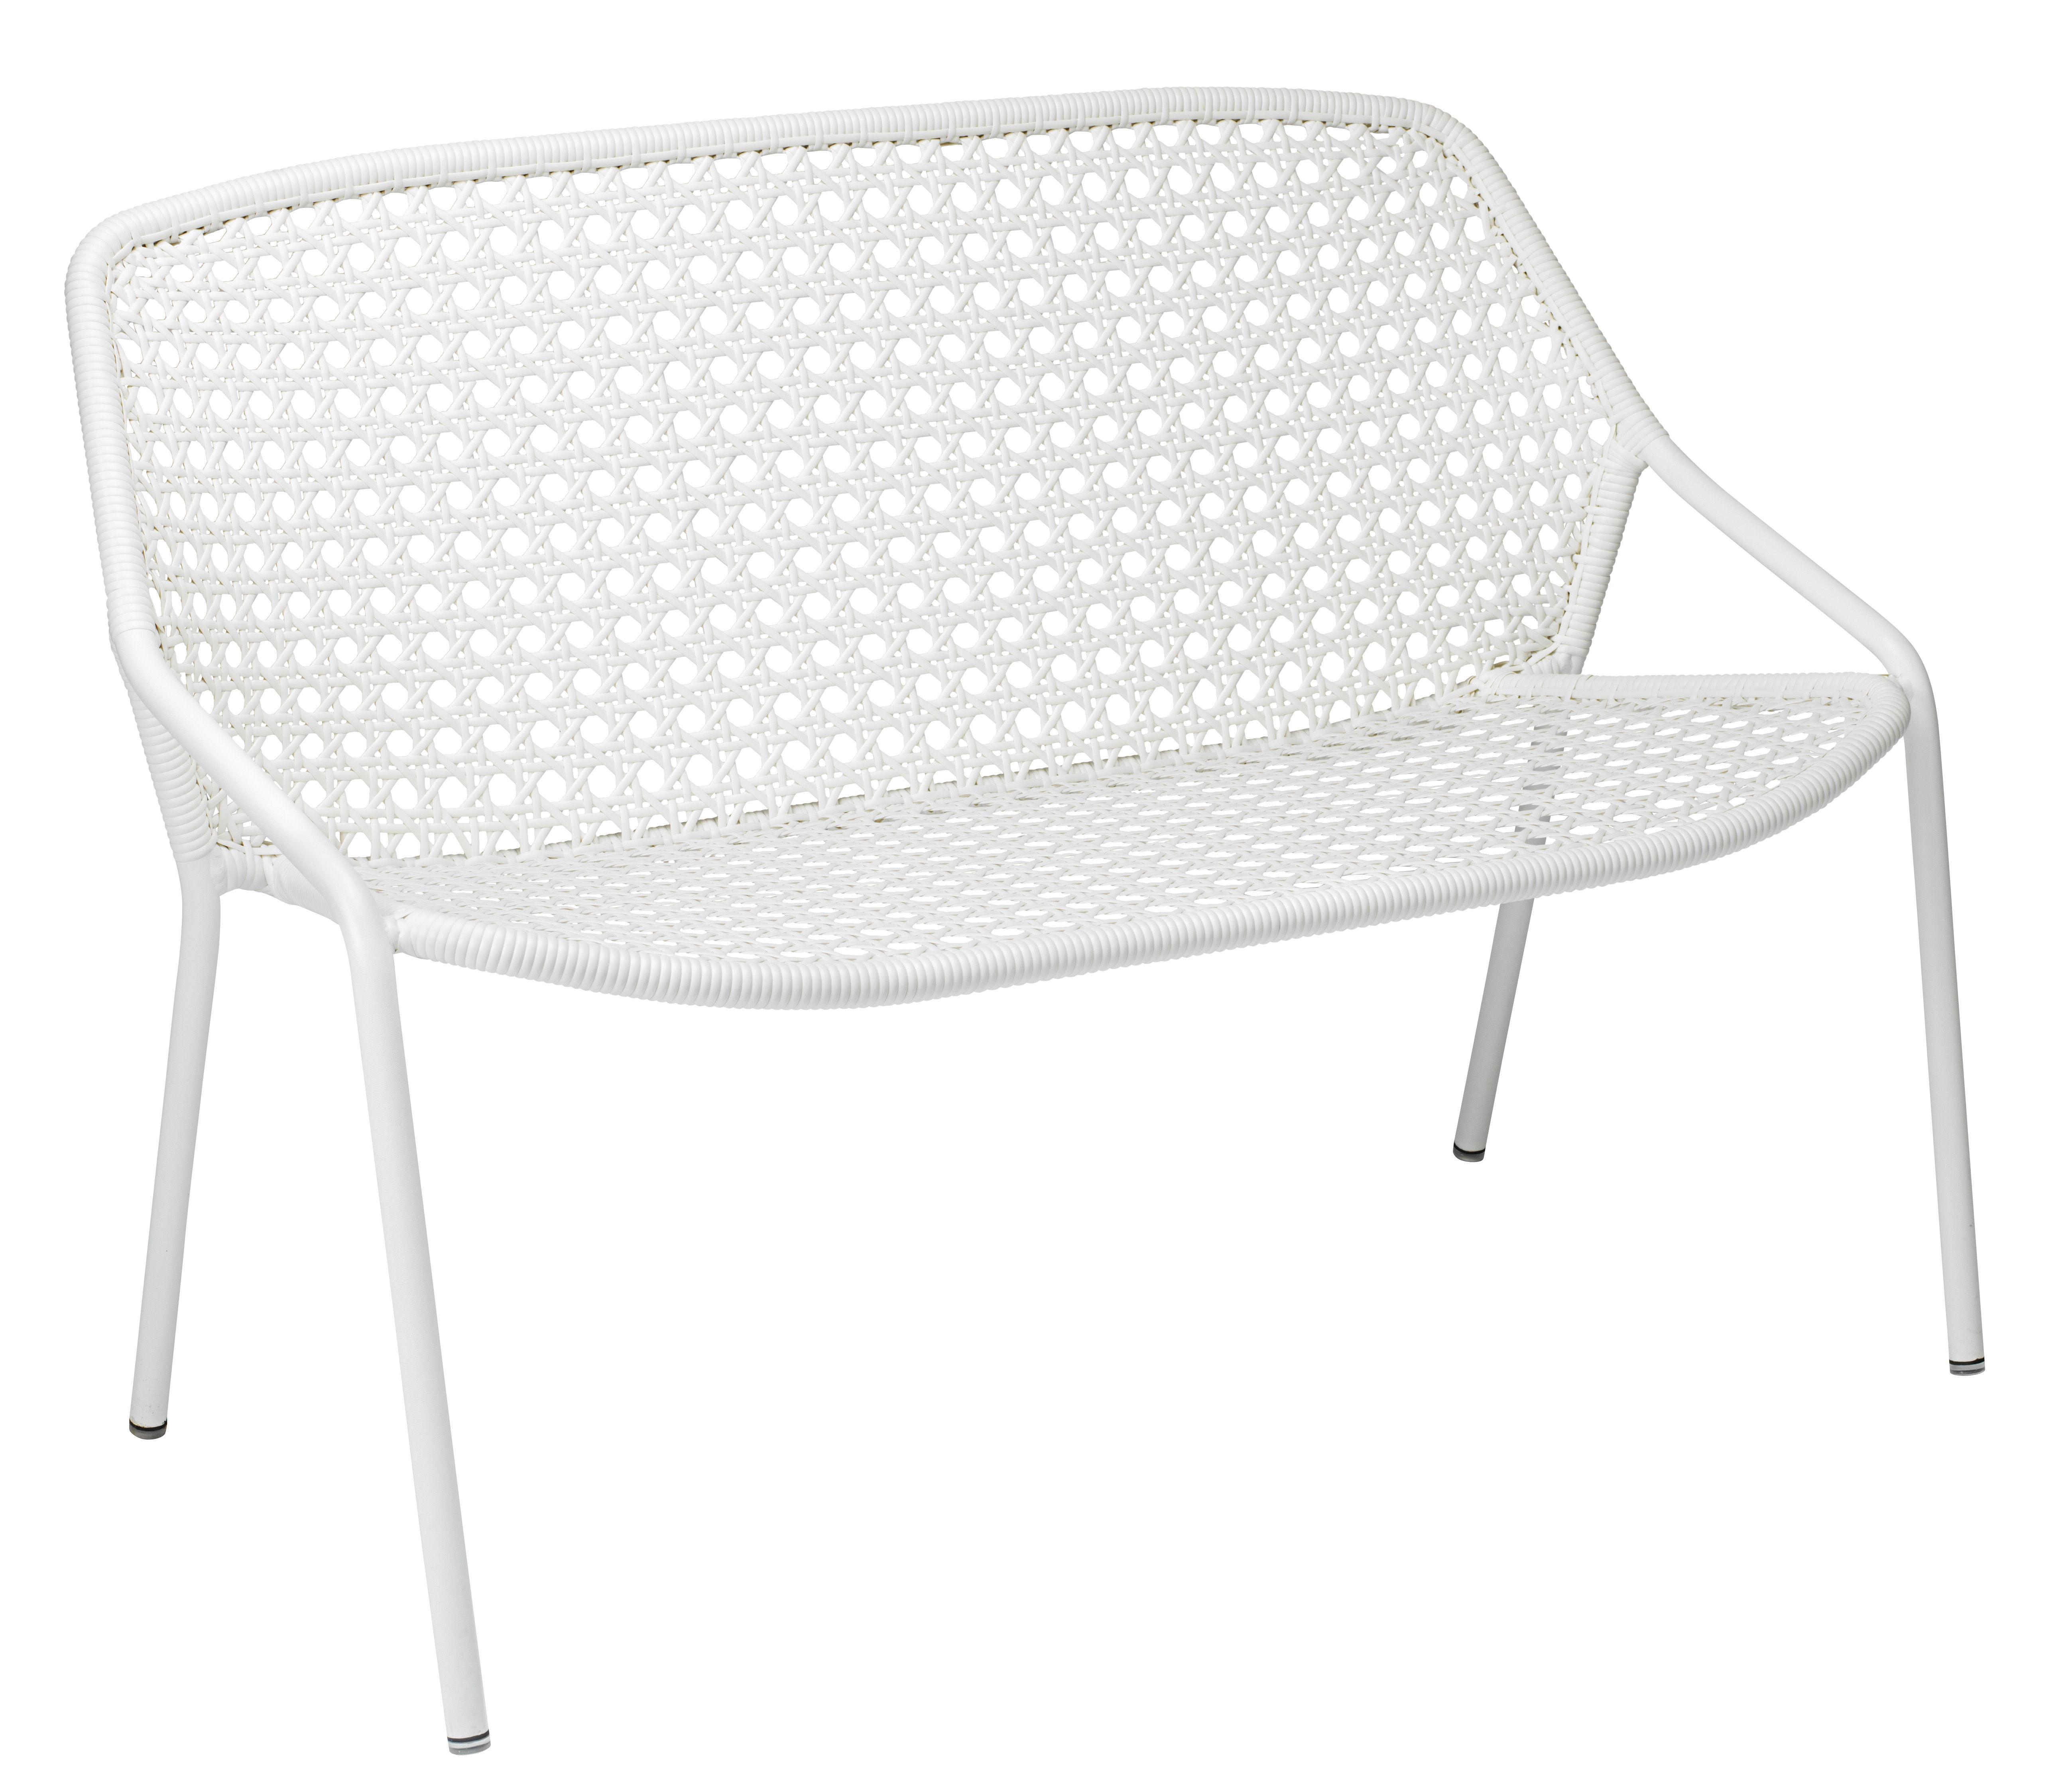 Outdoor - Canapés - Canapé 2 places Croisette / L 122 cm - Plastique tressé - Fermob - Blanc Coton -   Fibres synthétiques, Aluminium